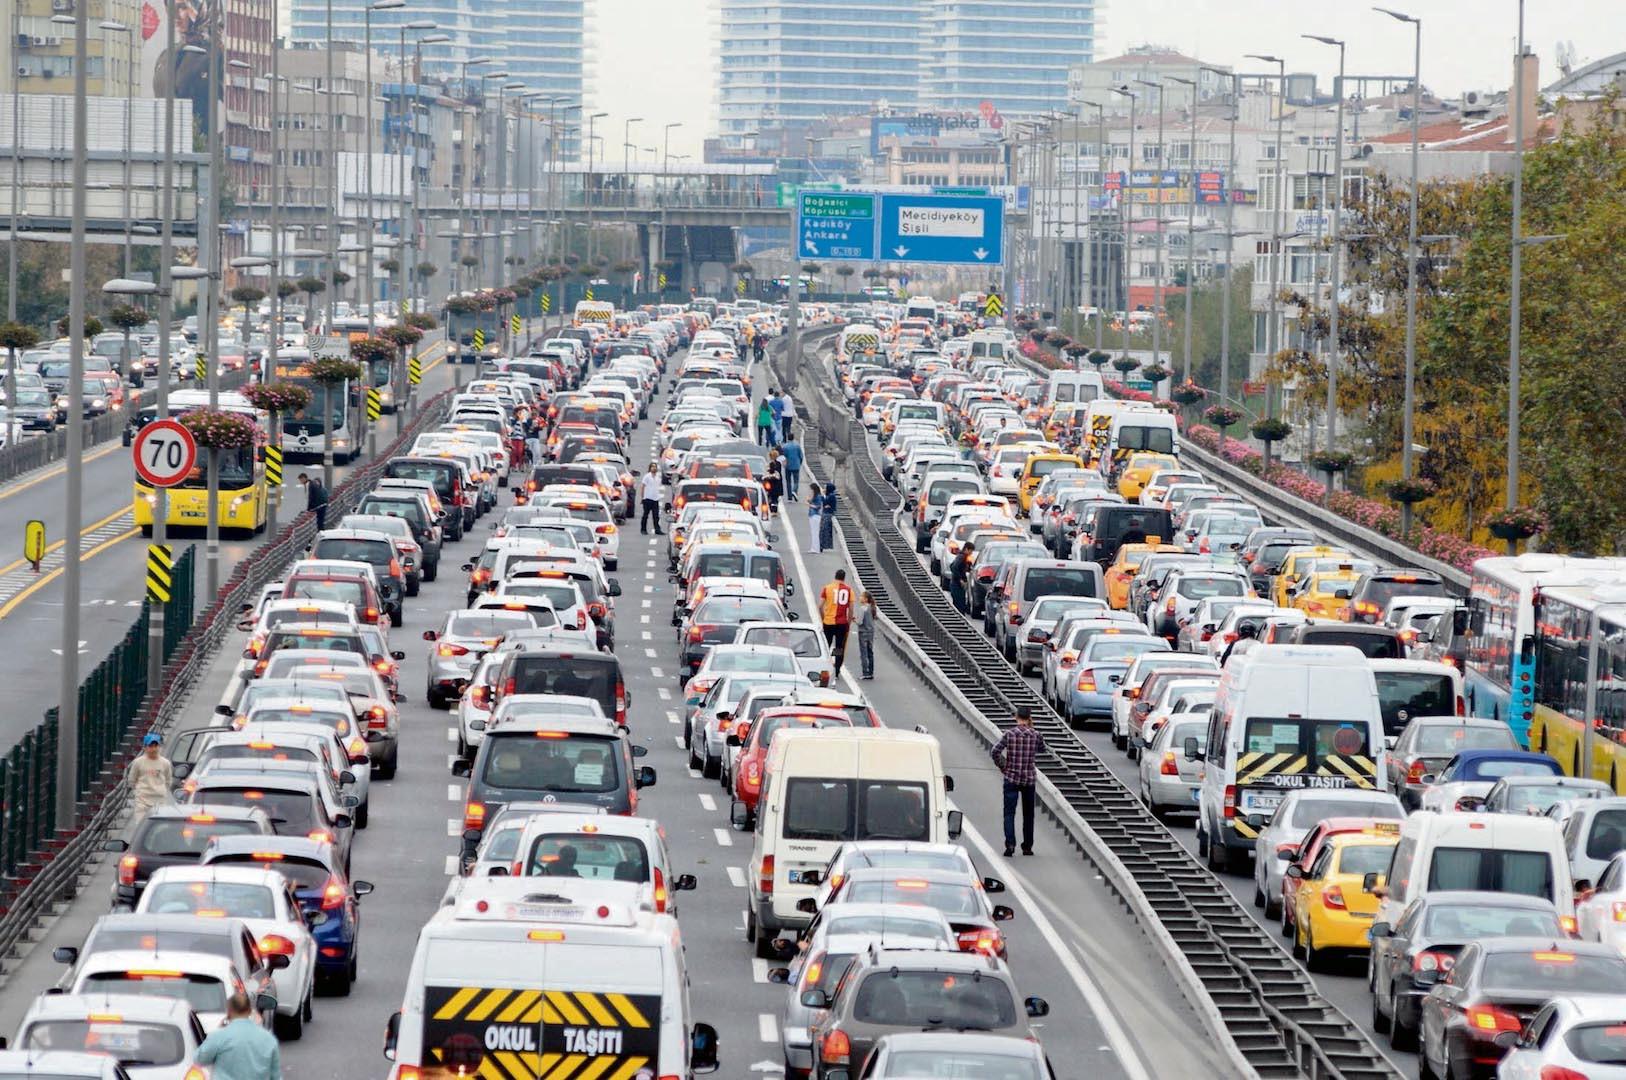 Türkiye'de Trafikteki Araçların Ortalama Yaşı | Türkiyedeki Araç Sayısı